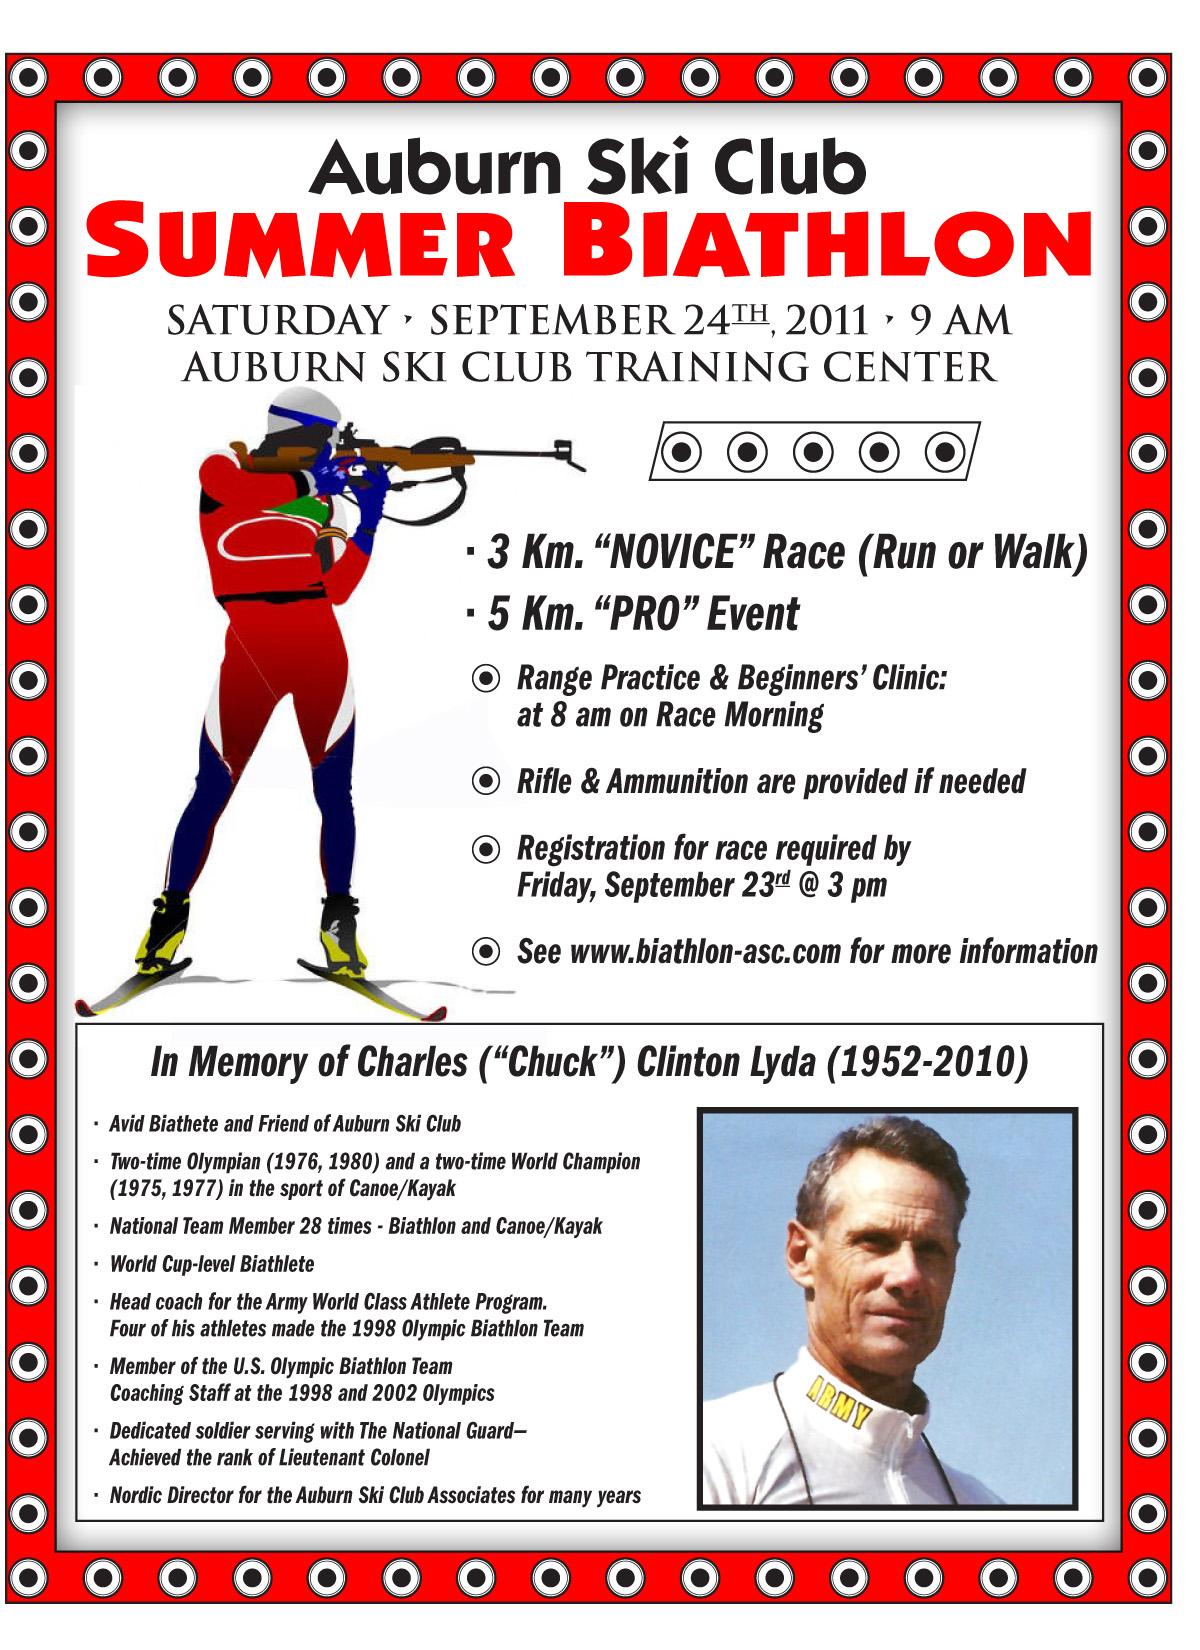 Chuck Lyda Memorial Summer Biathlon